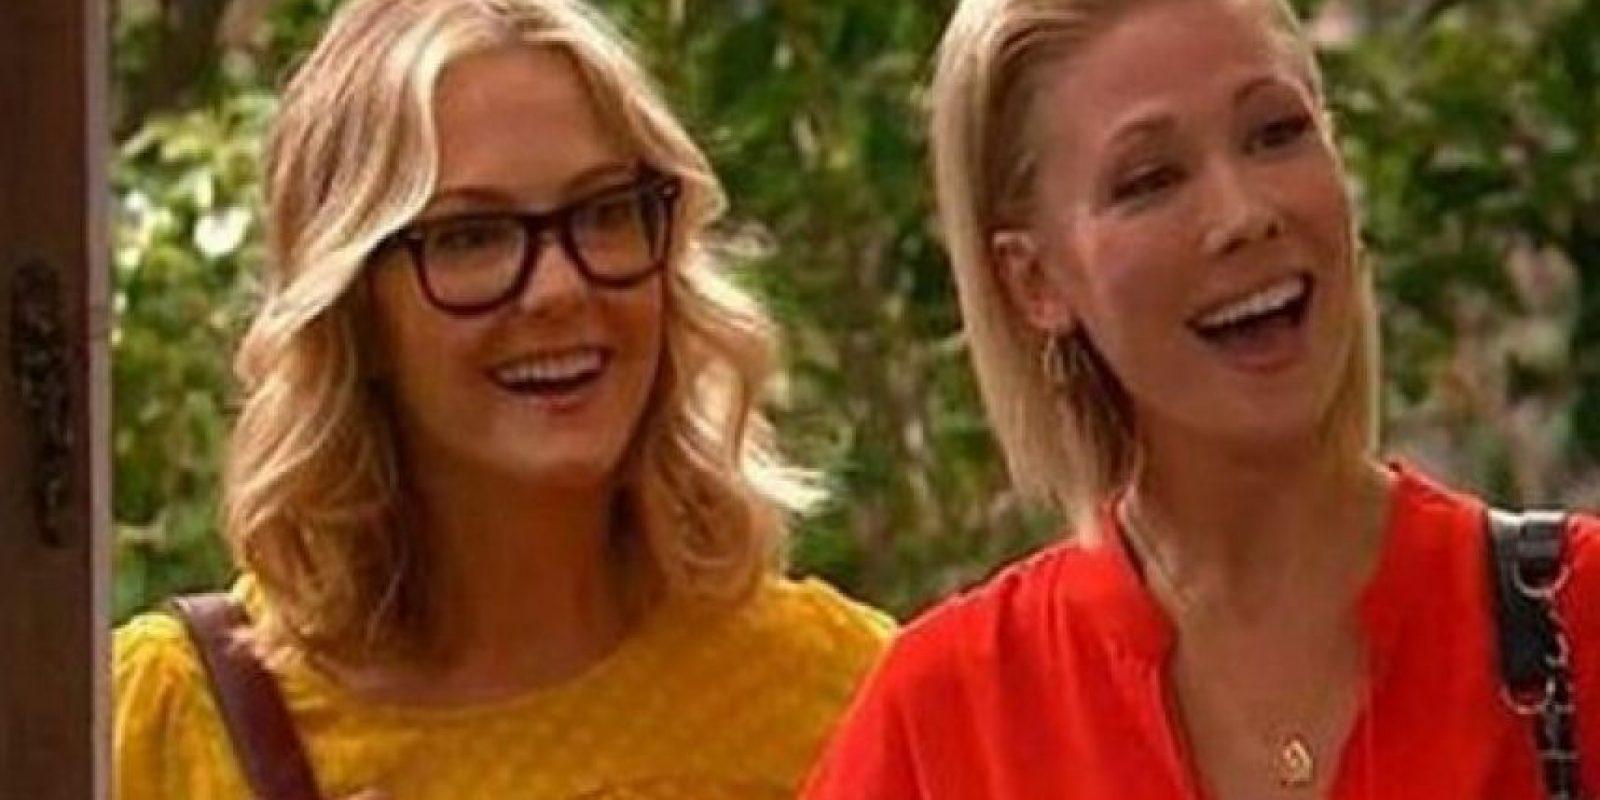 """Cheryl y Susan, quienes se convirtieron en la primera pareja del mismo sexo en aparecer en Disney, en la serie """"Buena Suerte Charlie"""" Foto:Disney"""